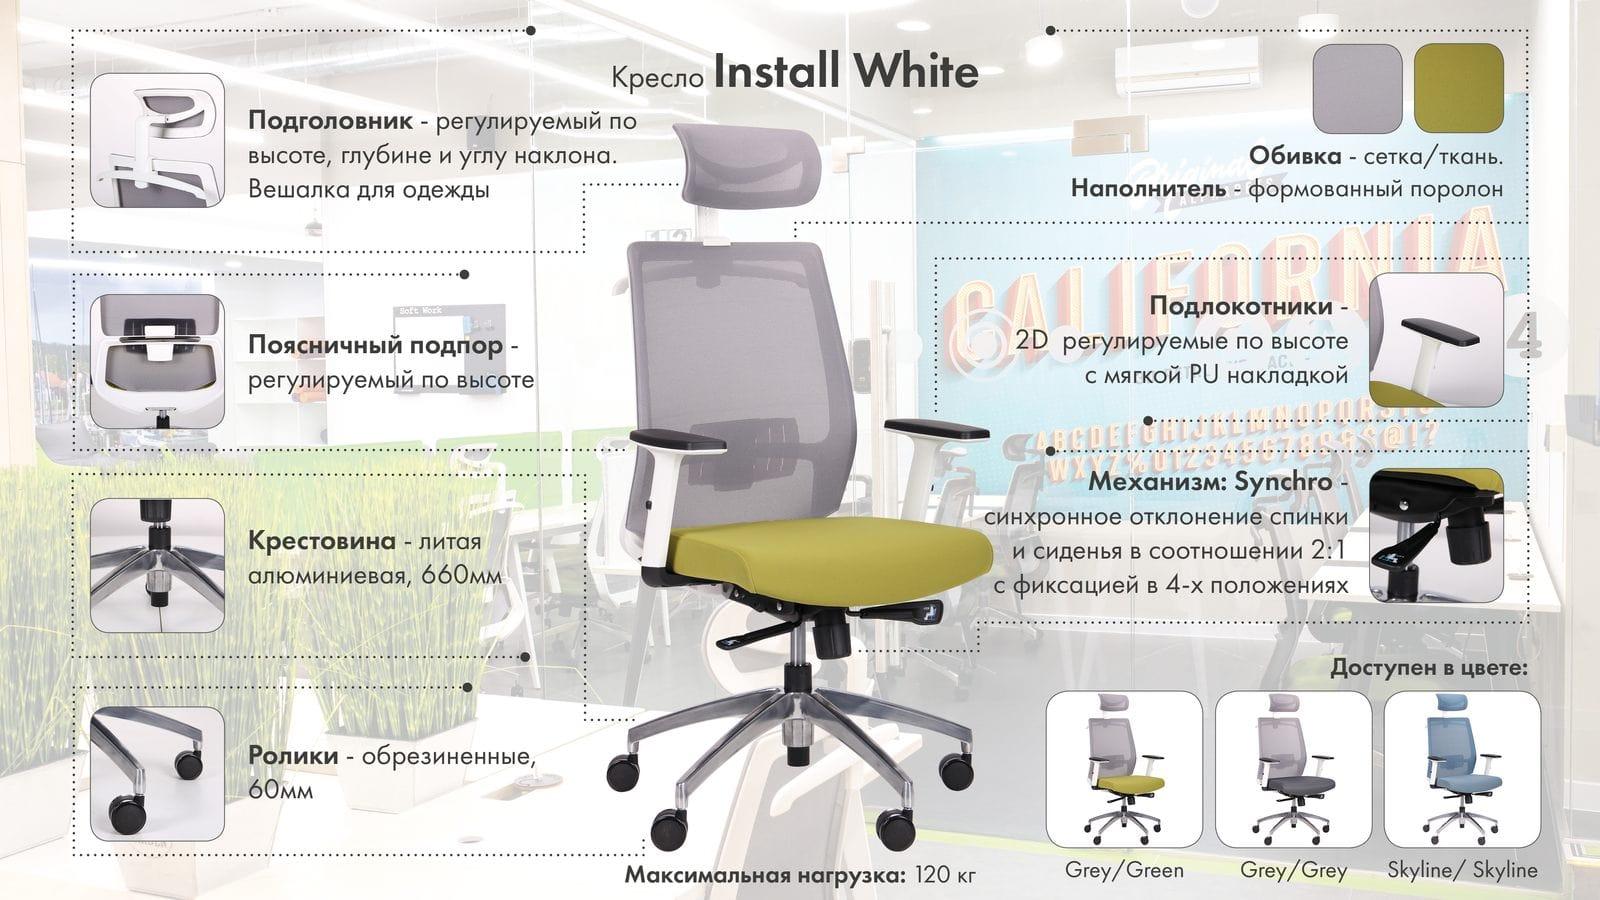 Кресло Install White Описание